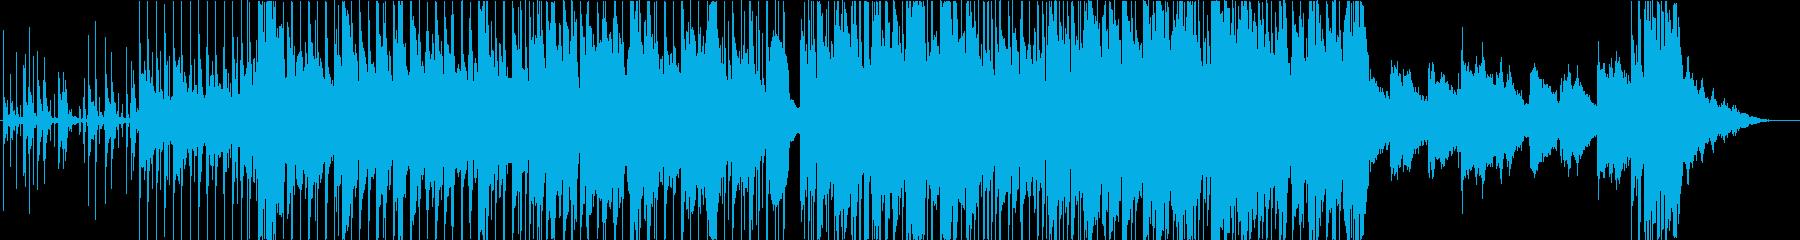 爽やかイージーリスニングの再生済みの波形